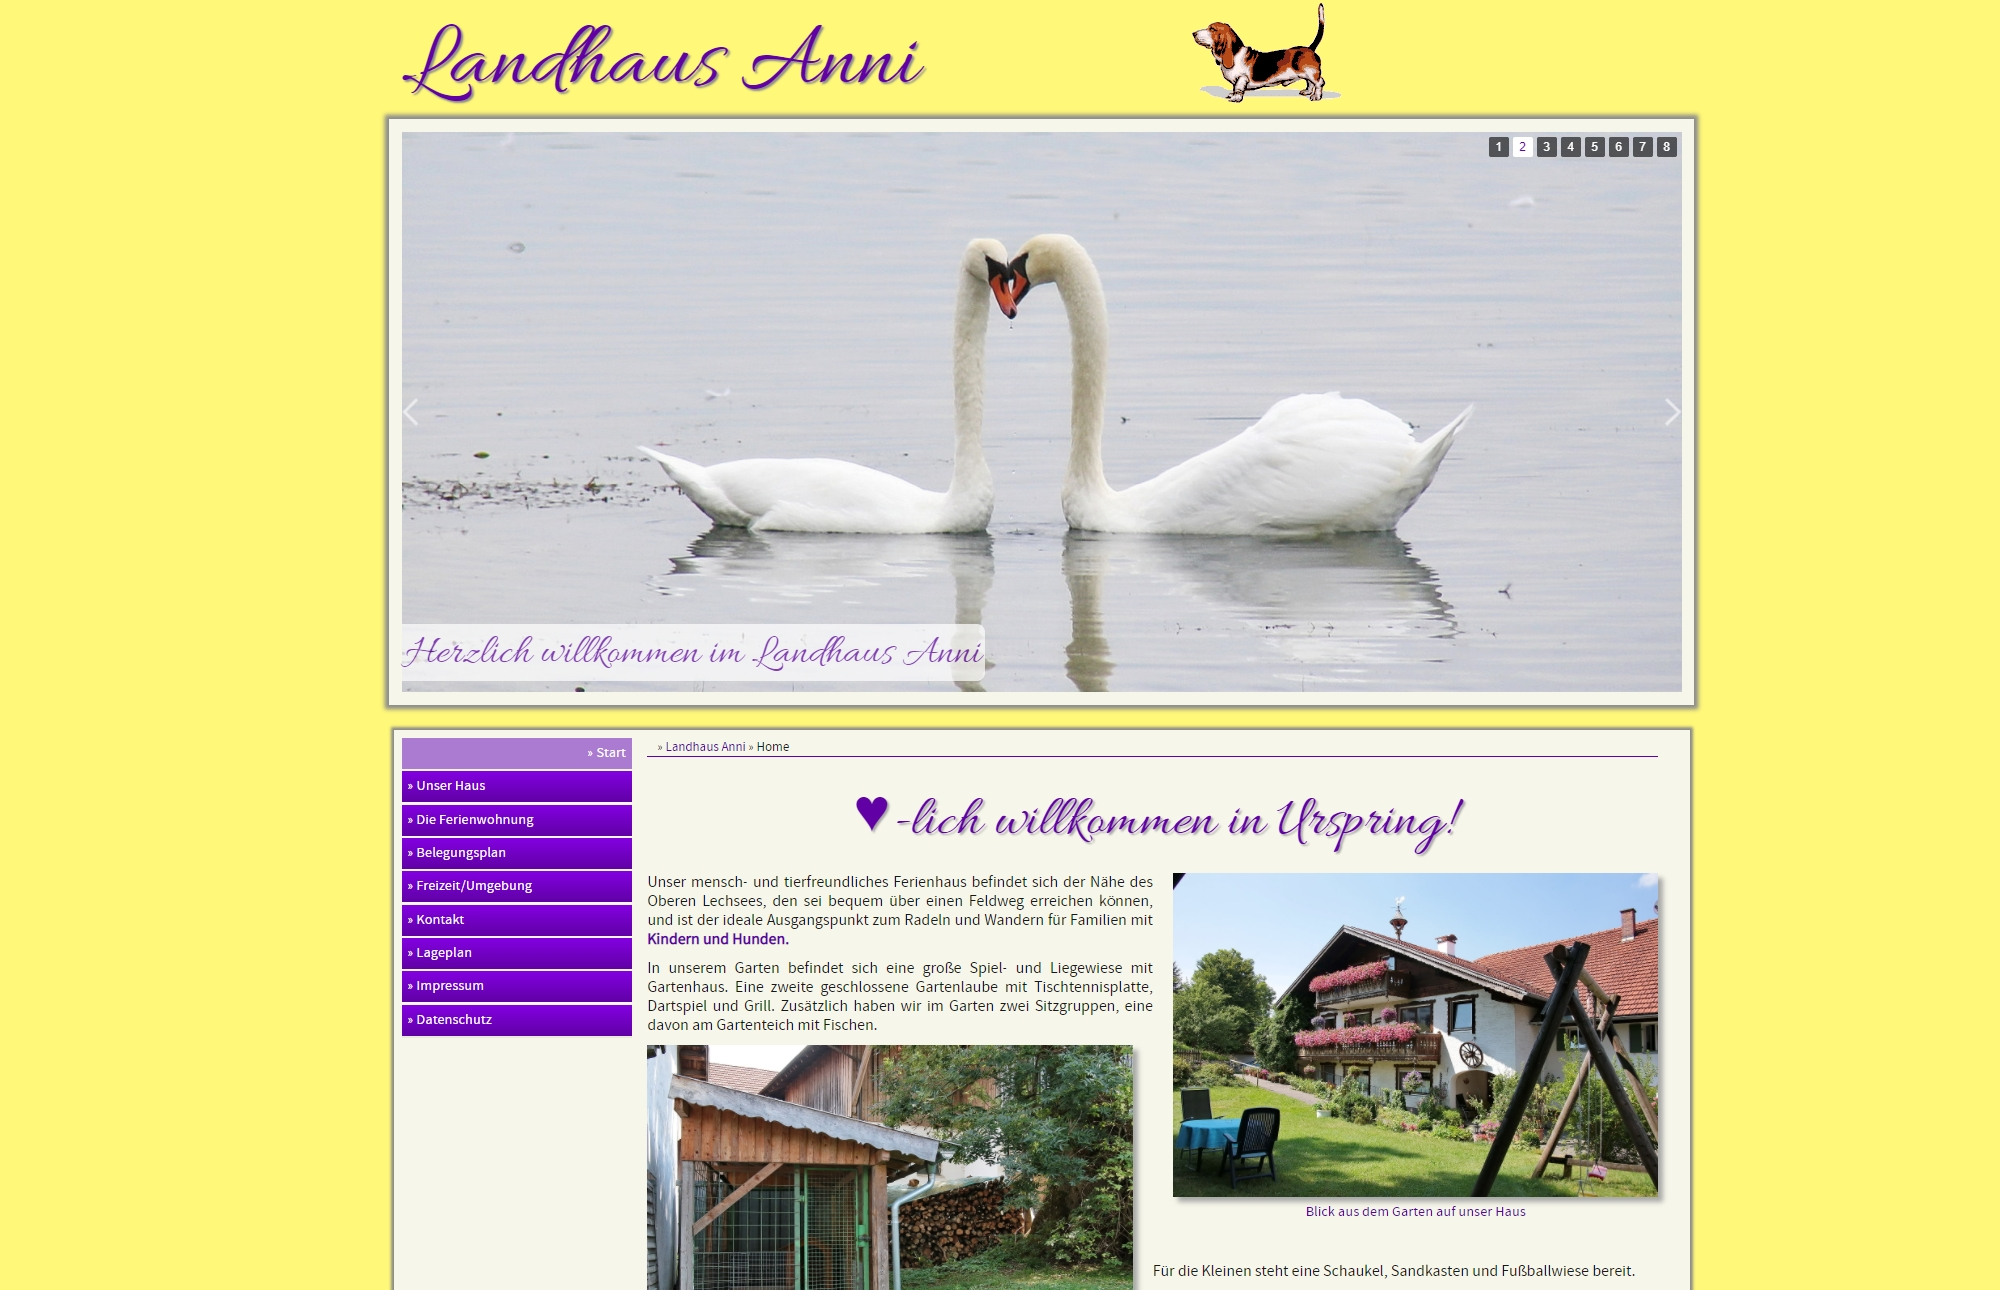 Landhaus Anni, Steingaden